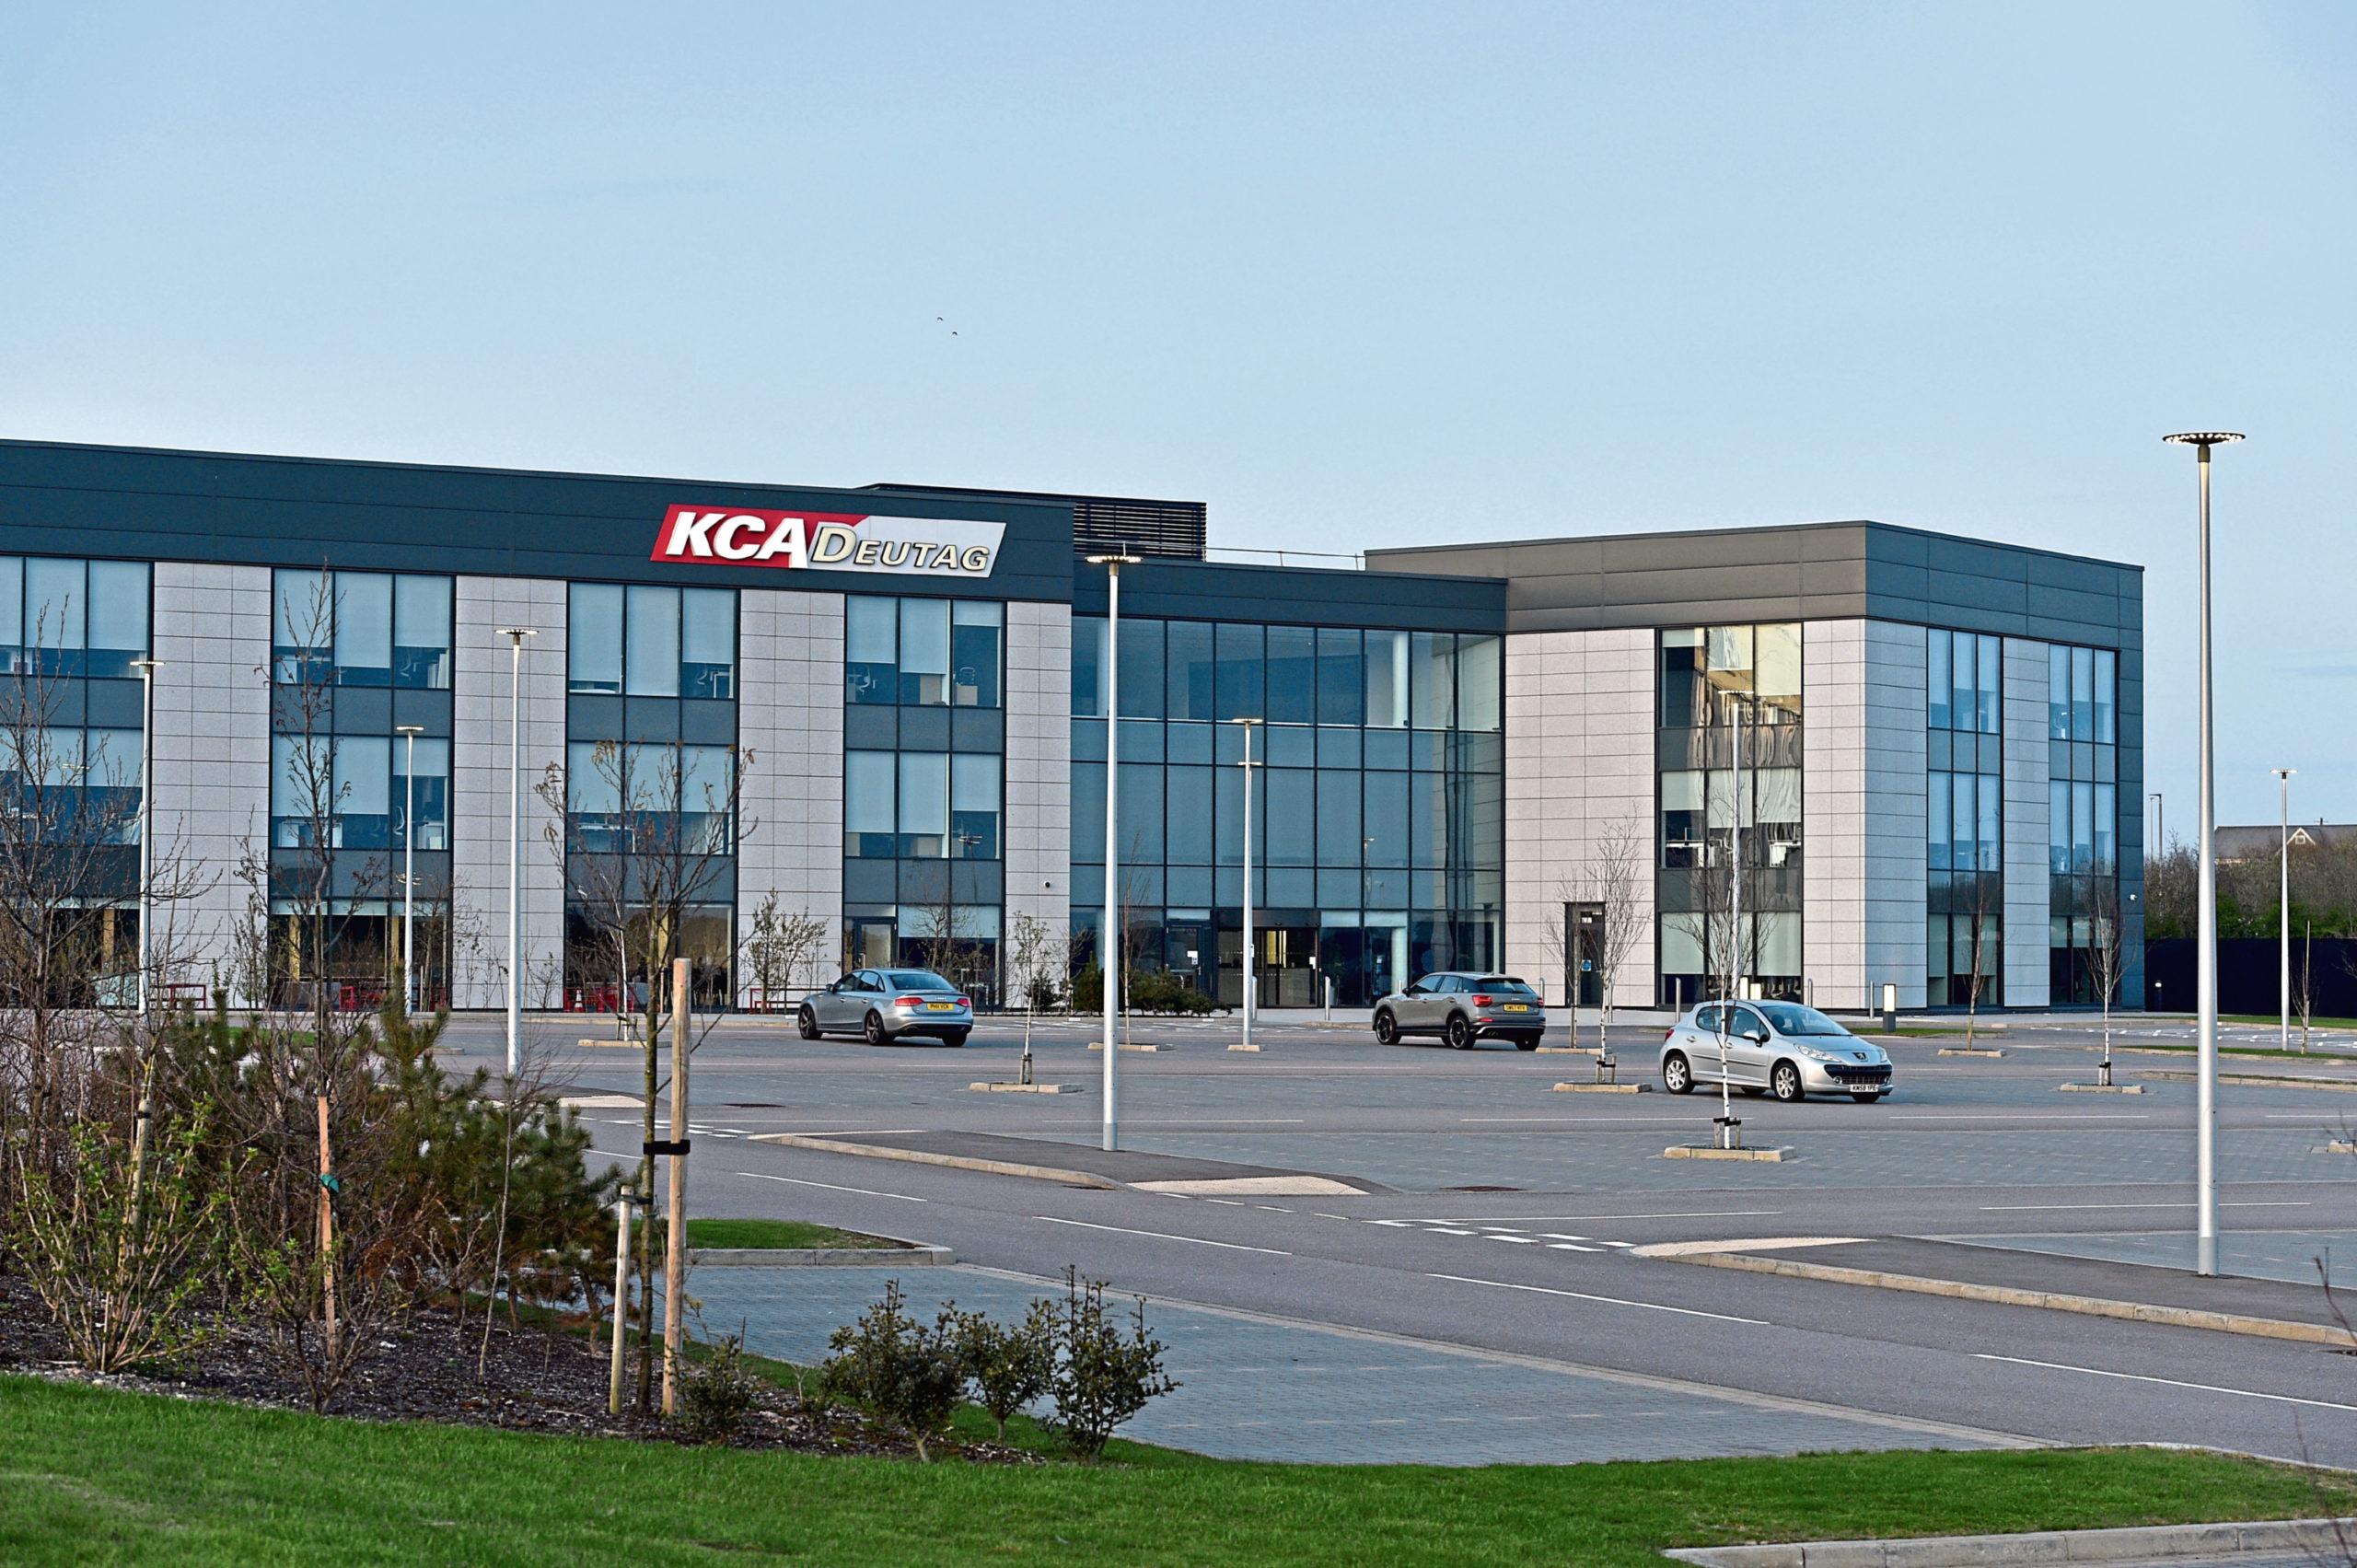 KCA Deutag's base in Portlethen